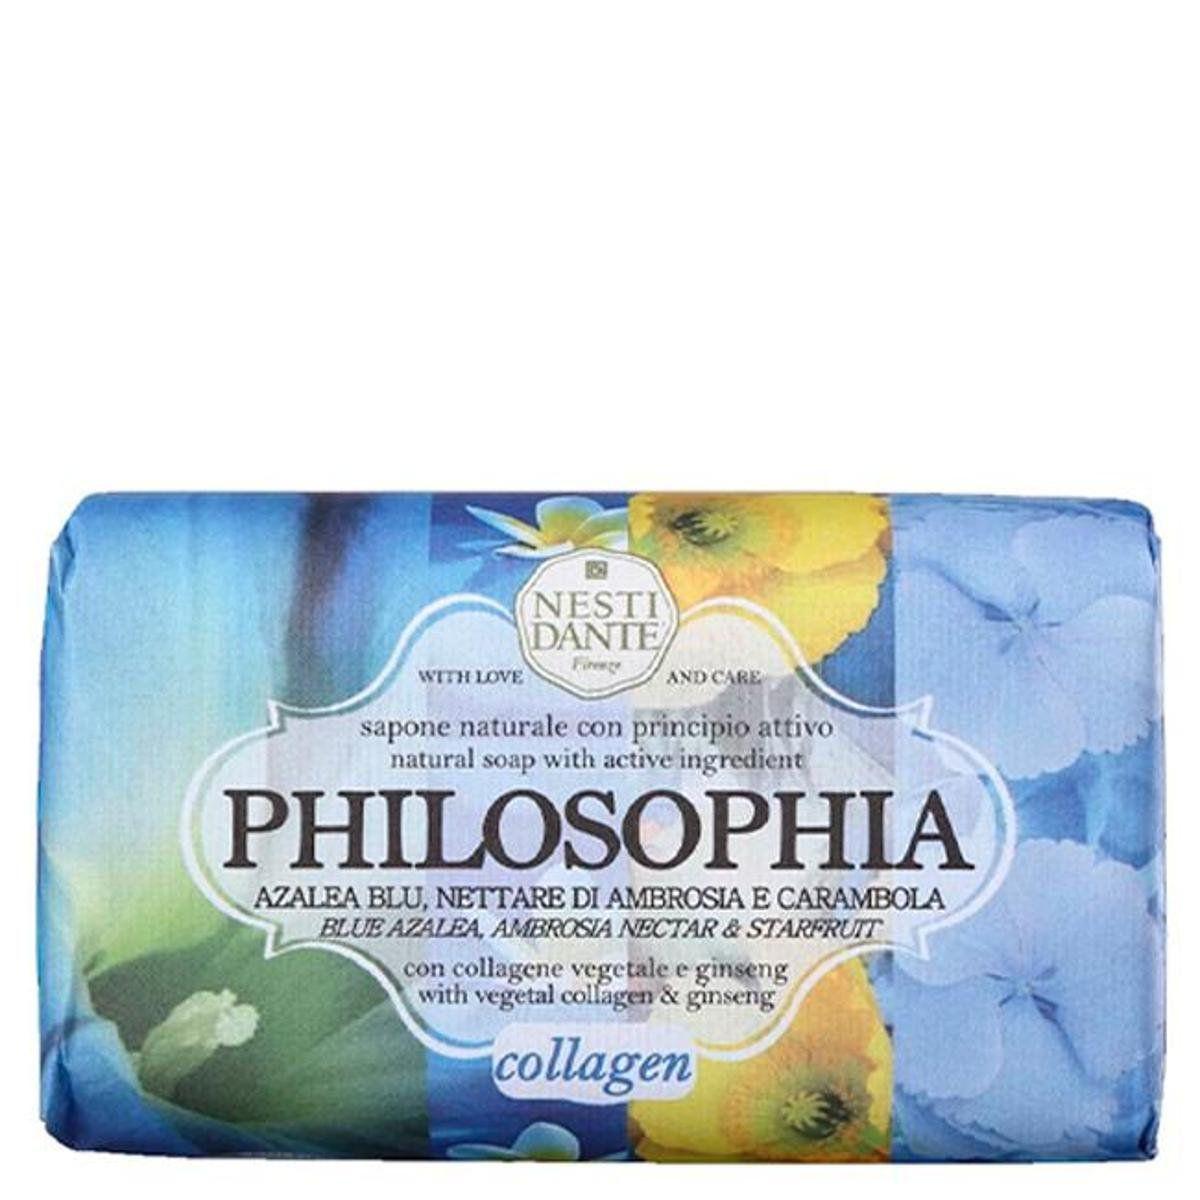 Sabonete Philosophia Colágeno 250g Nesti Dante